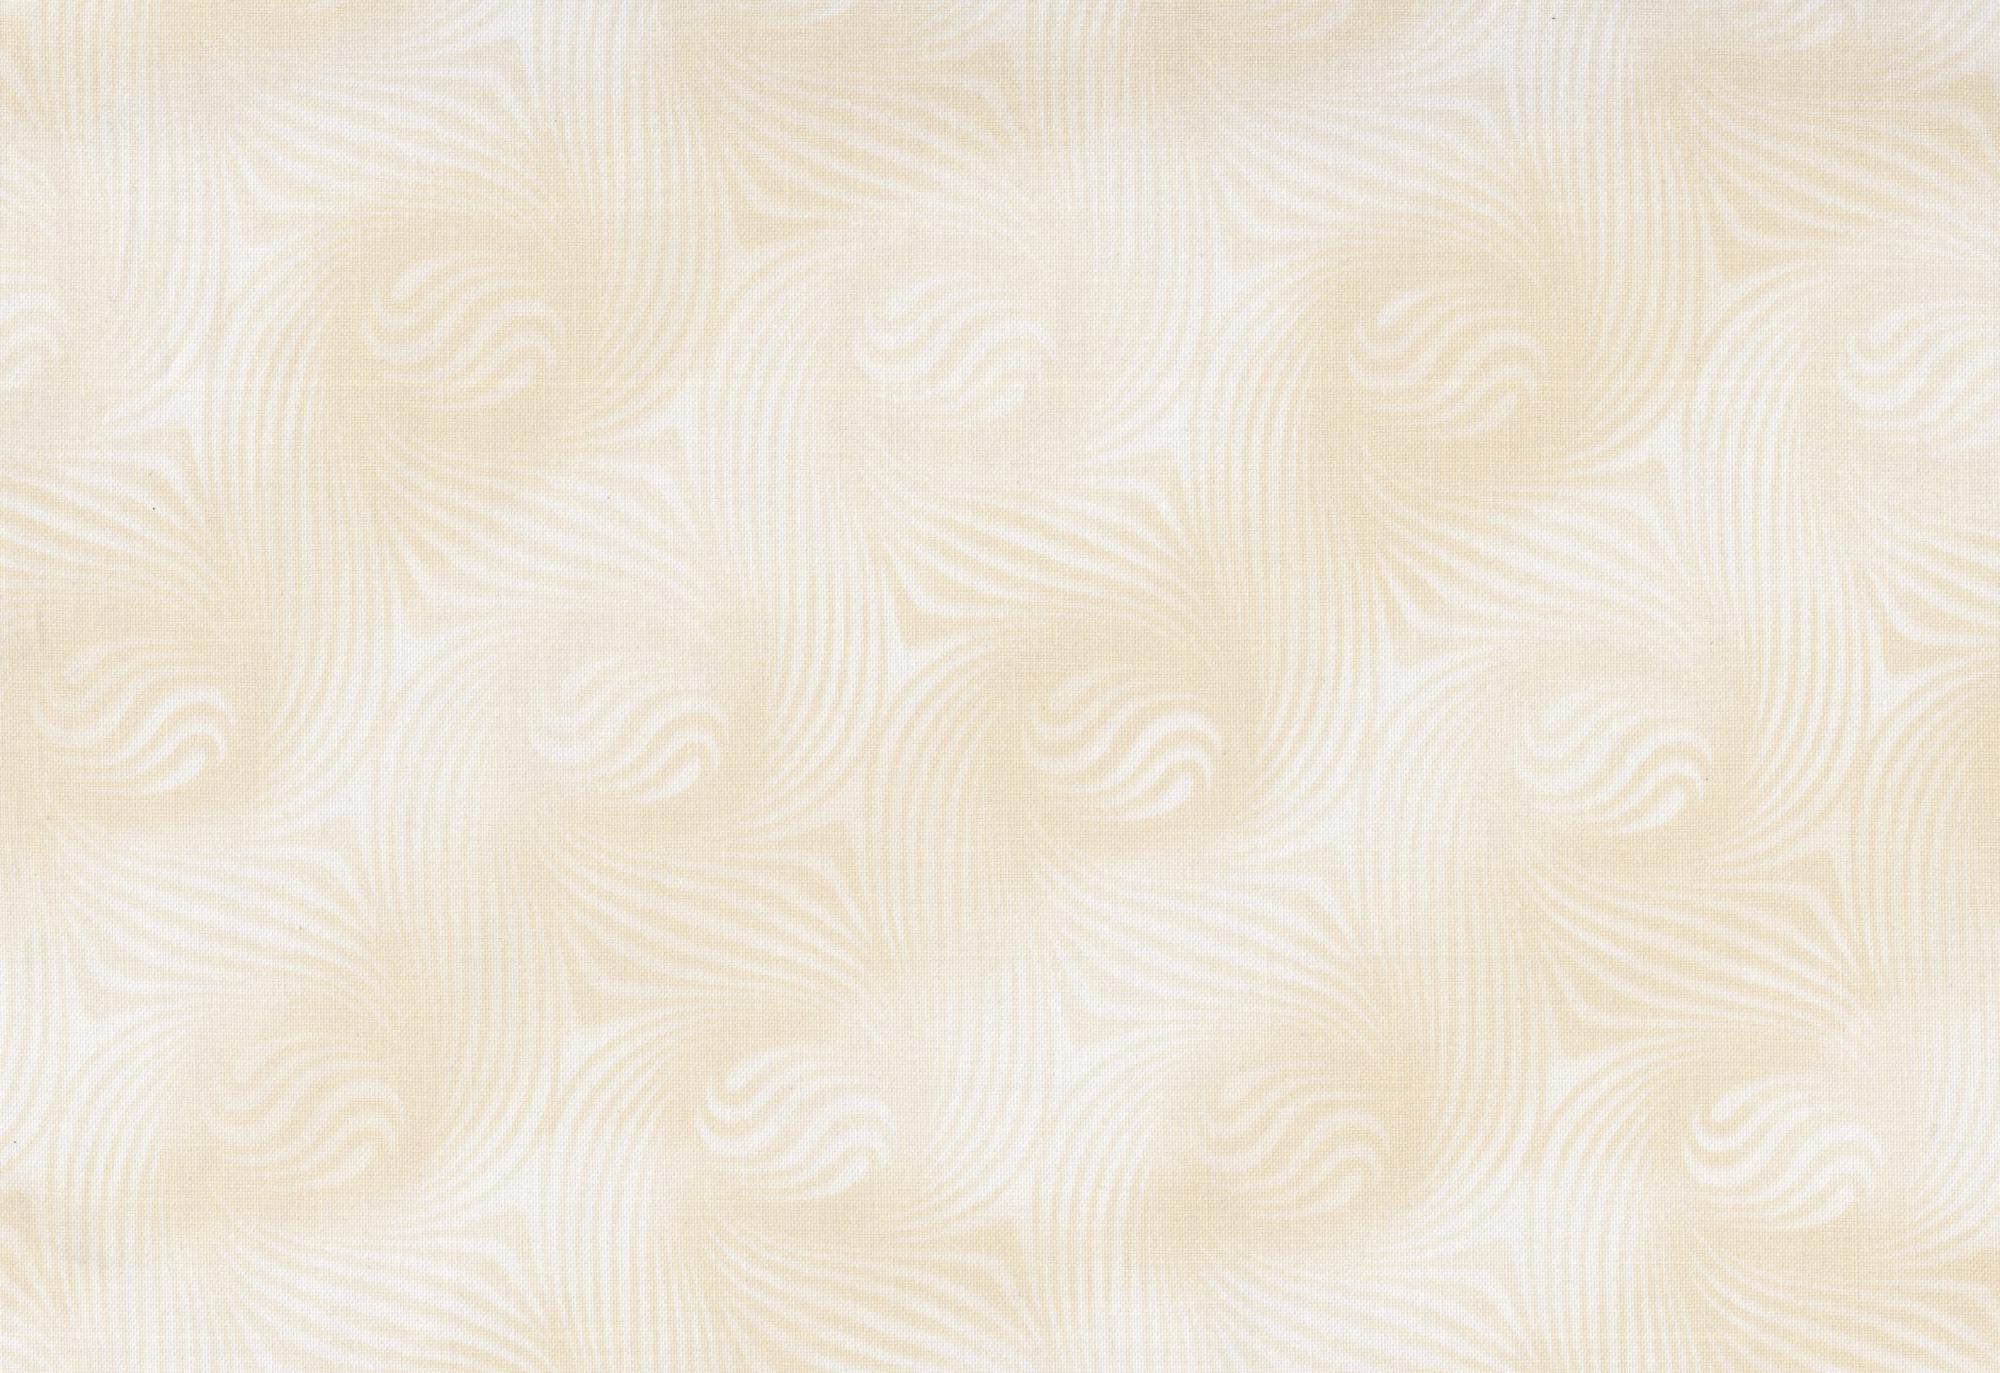 PROMO* FT-Novelty Prints 11766 Tonal Cream Blender